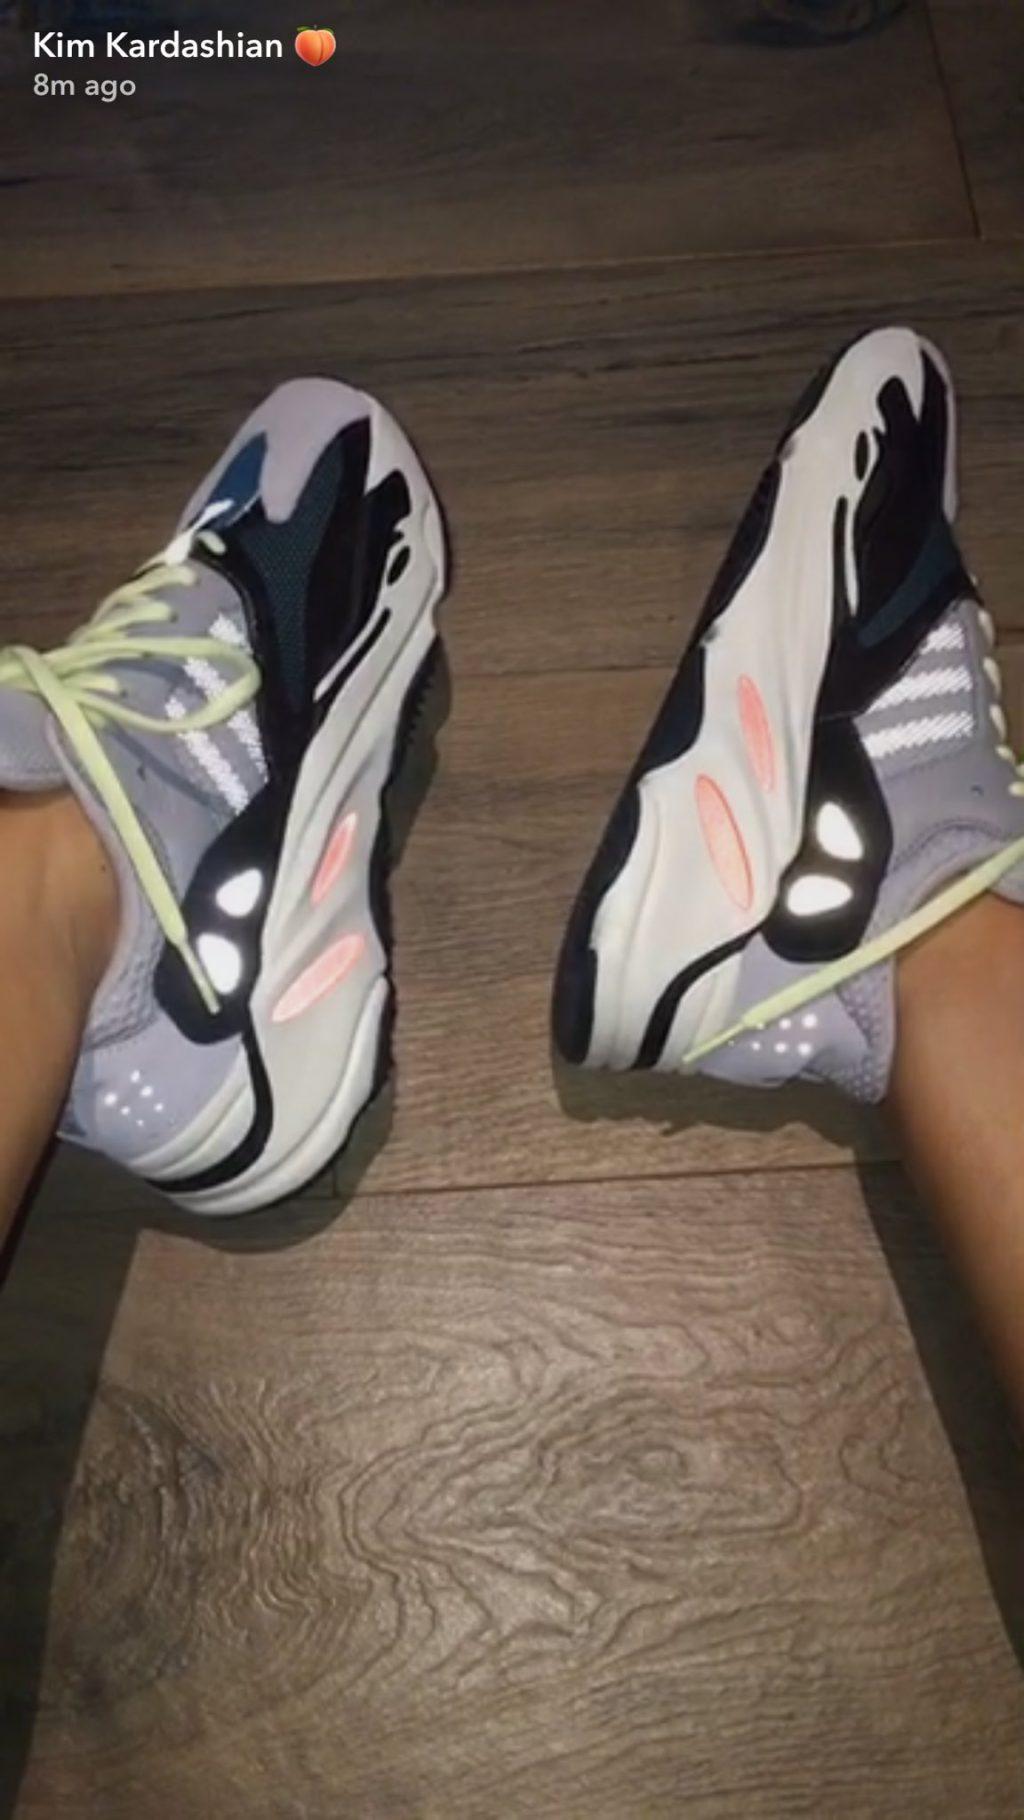 yeezy-wave-runner-700-release-20170813